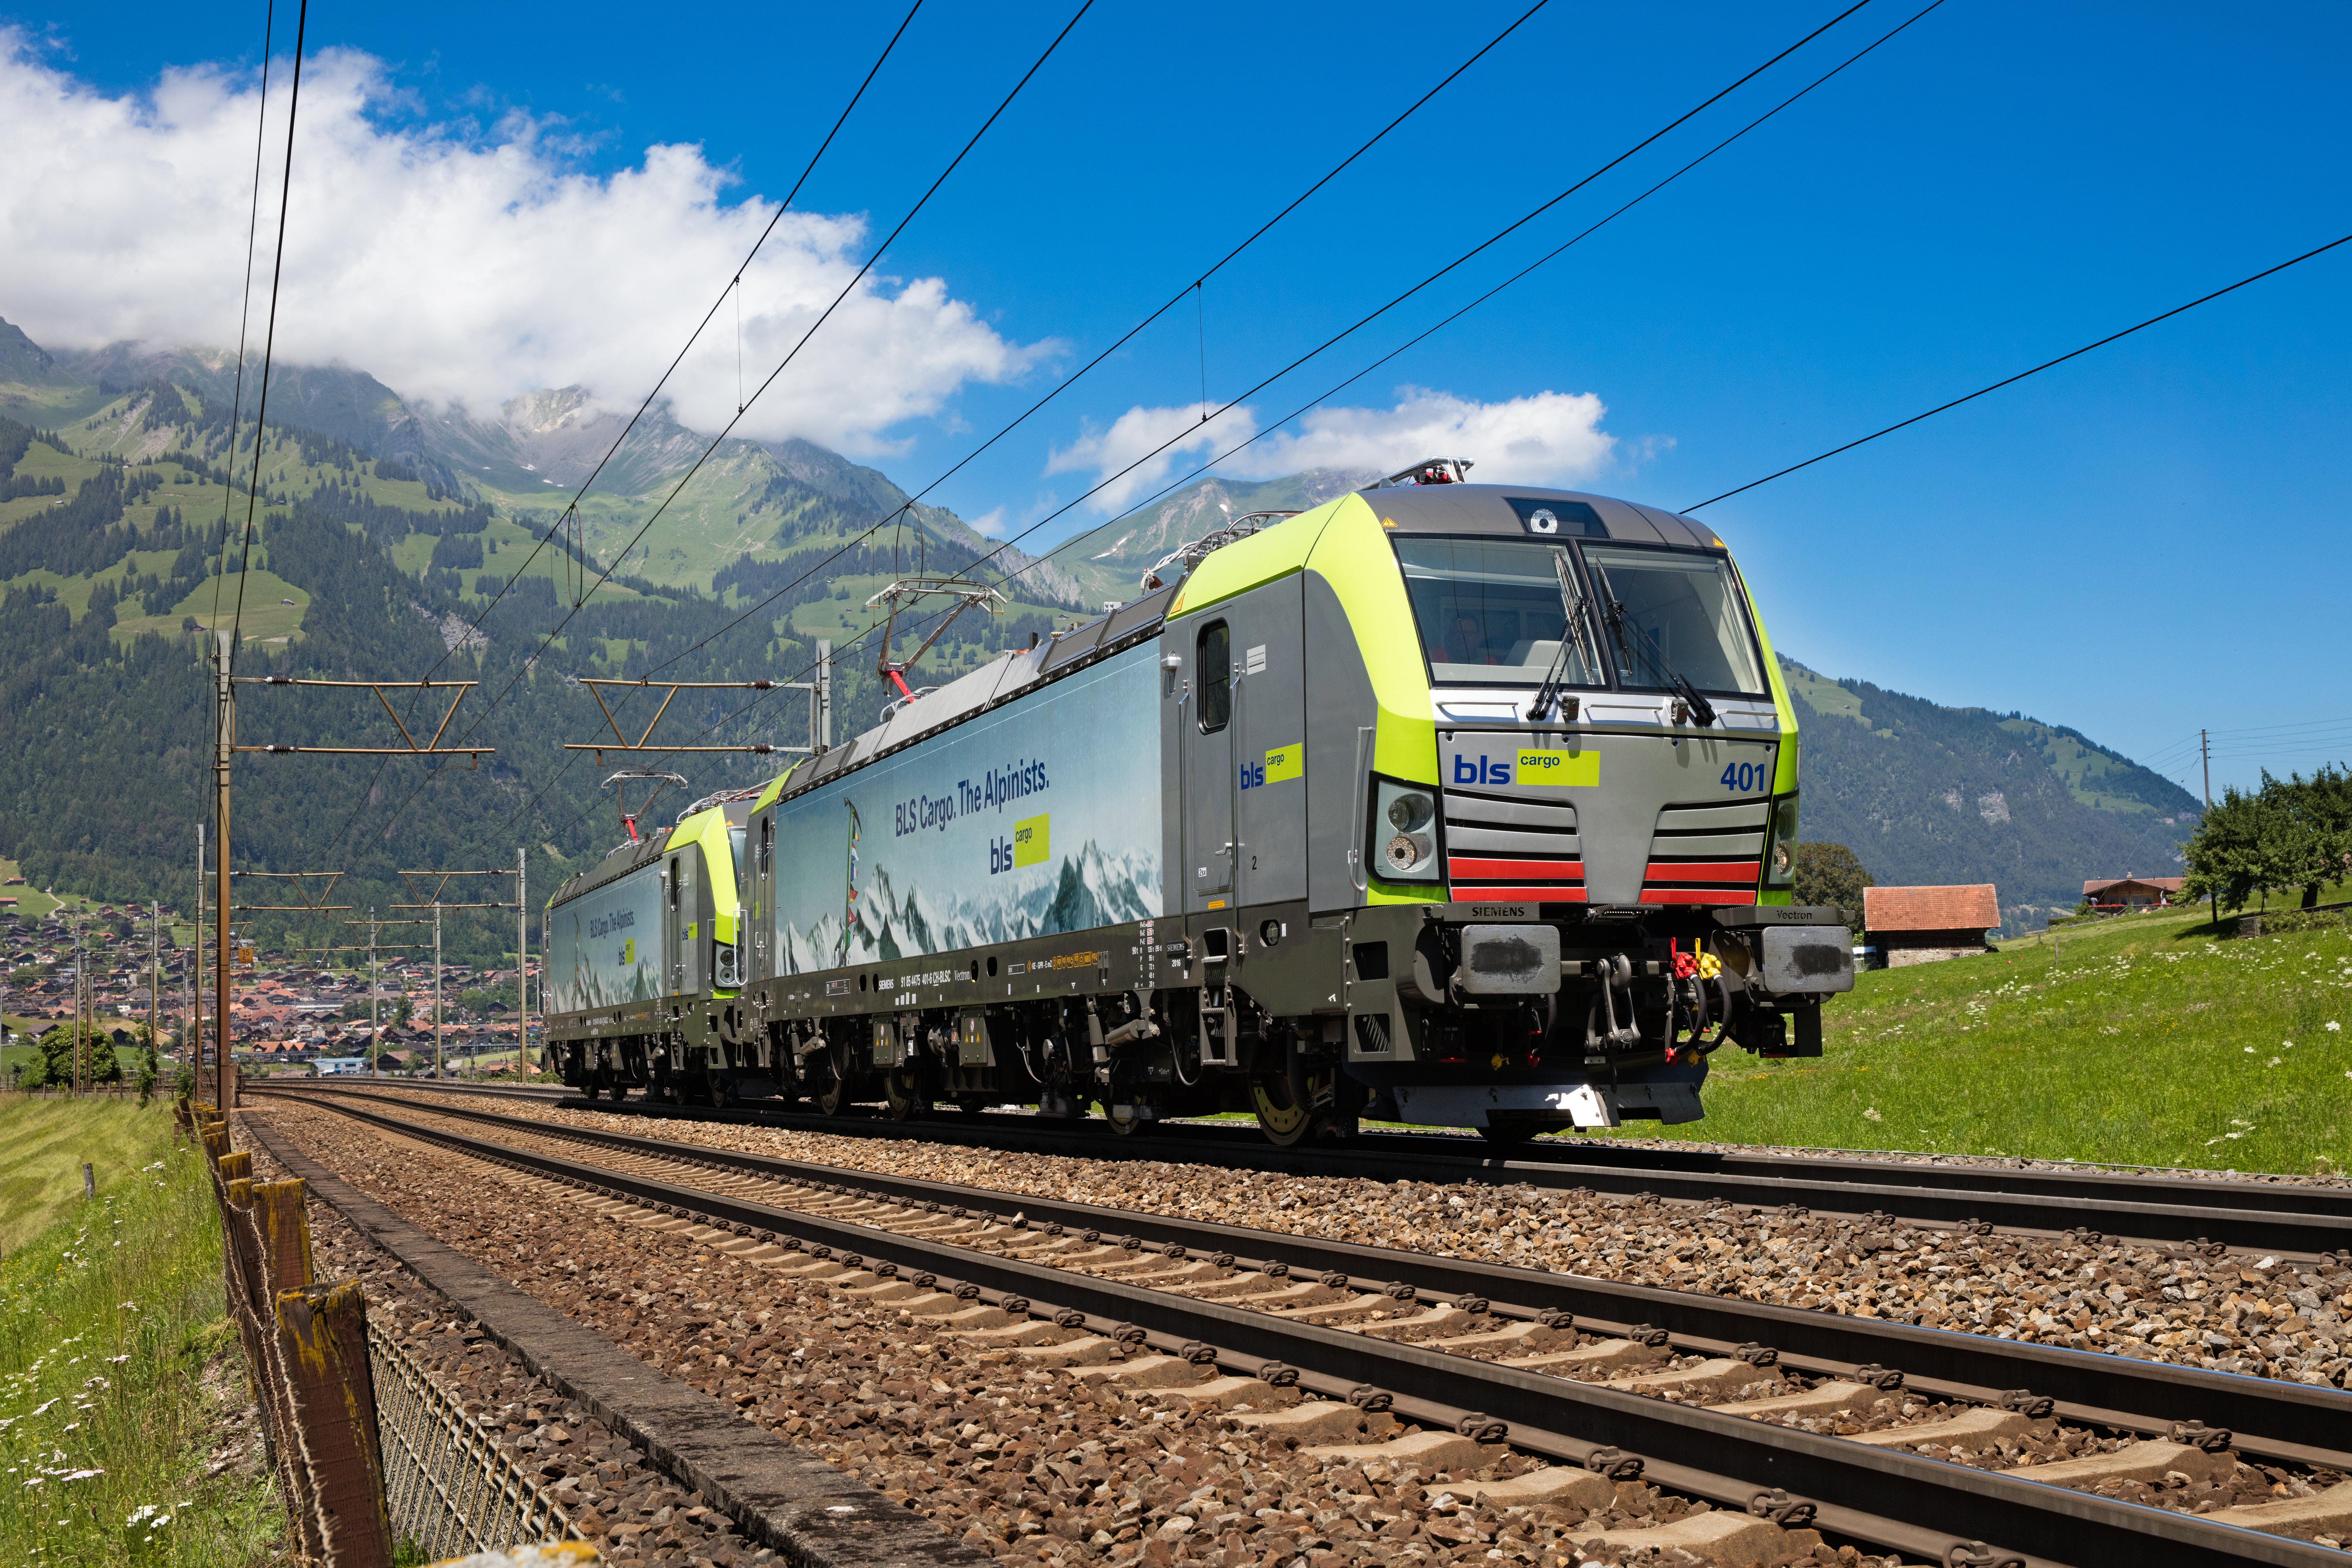 BLS Cargo Siemens Vectron locomotive